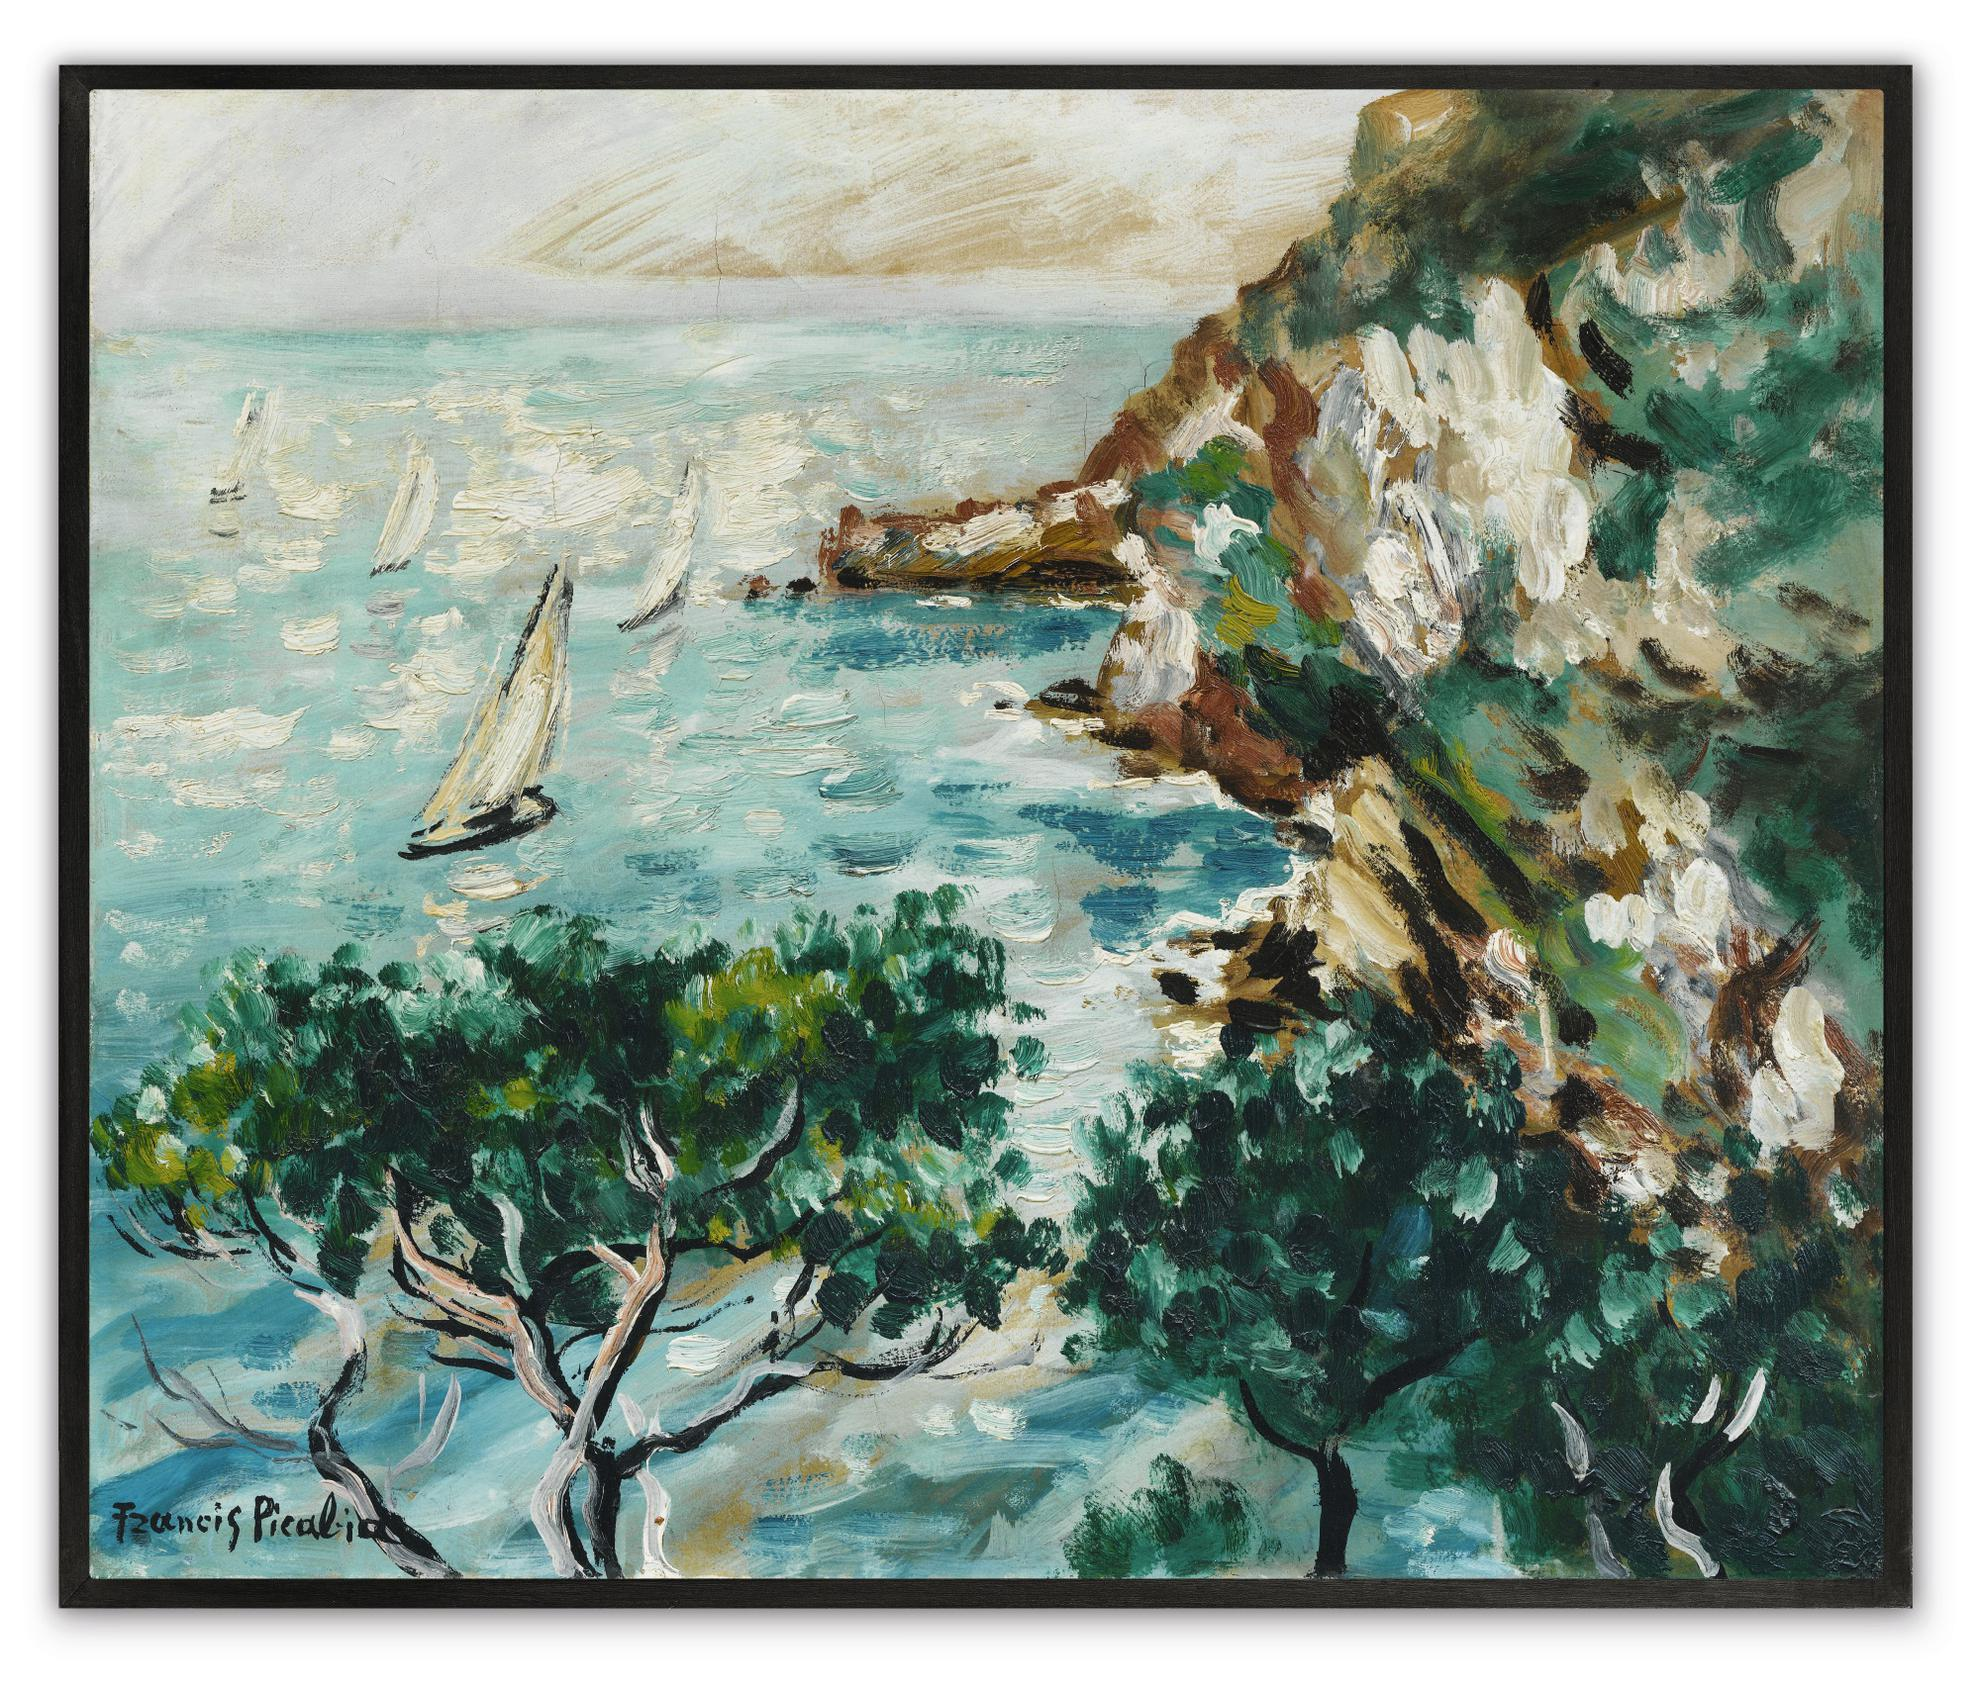 Francis Picabia-Sans Titre-1938